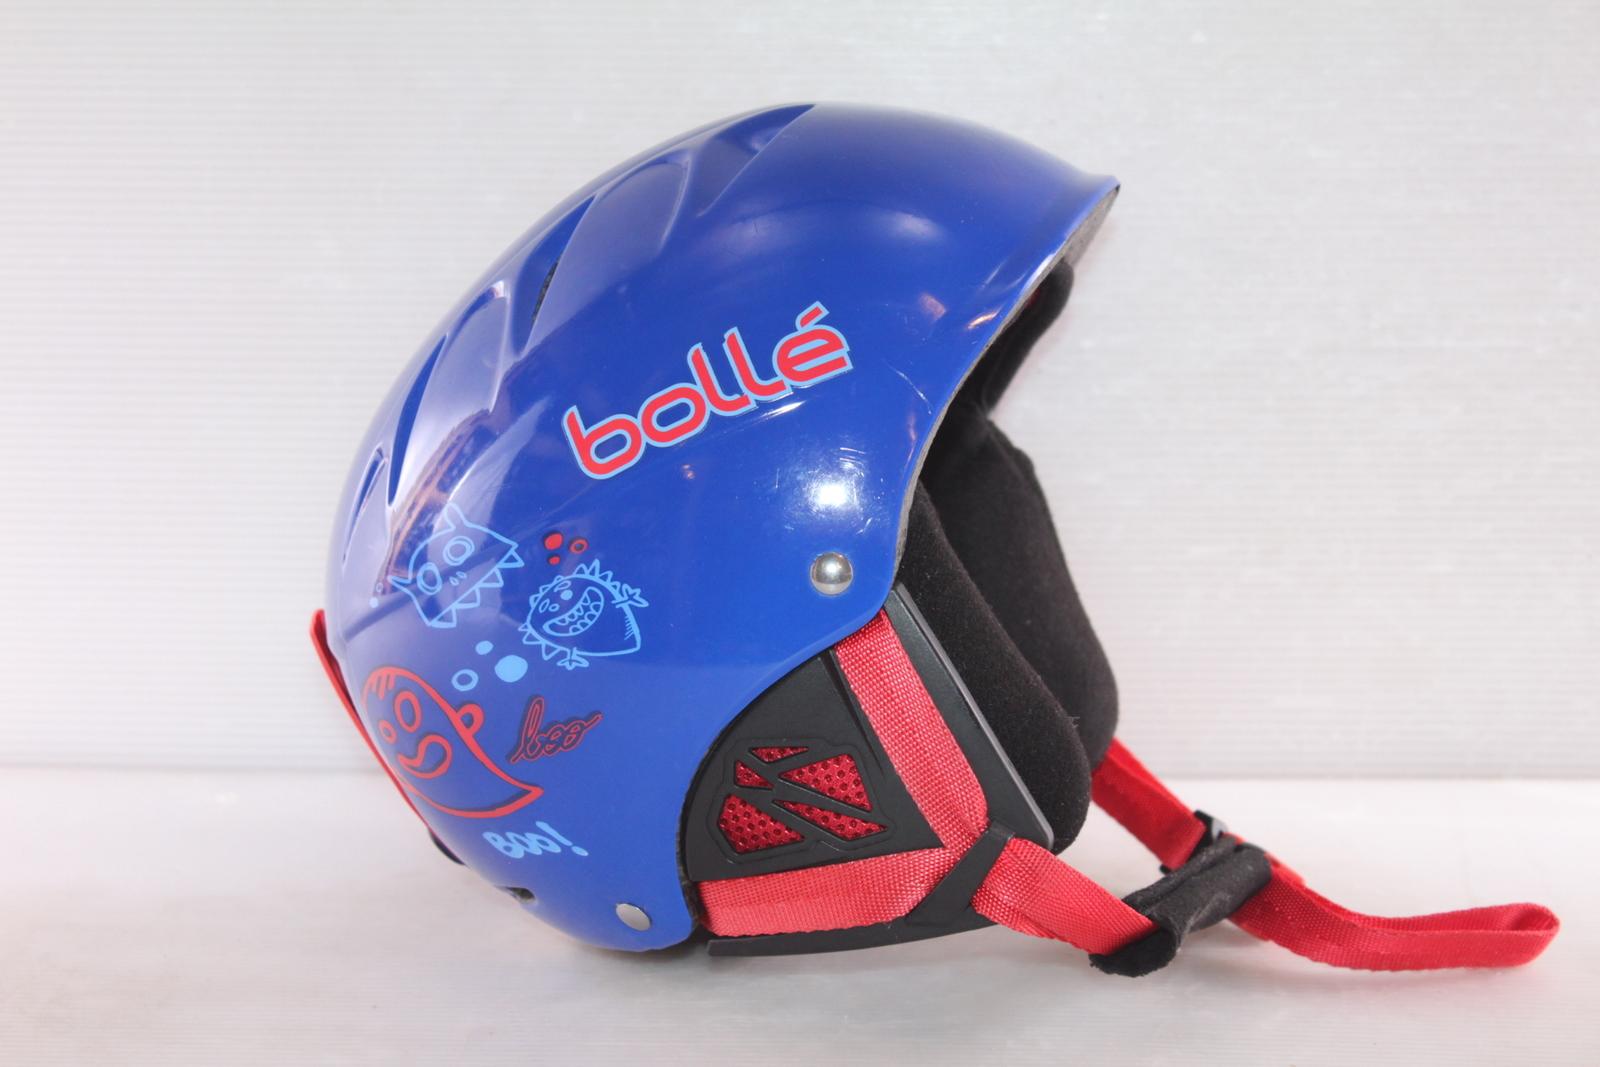 Dětská lyžařská helma Bolle Boo - posuvná vel. 49 - 53